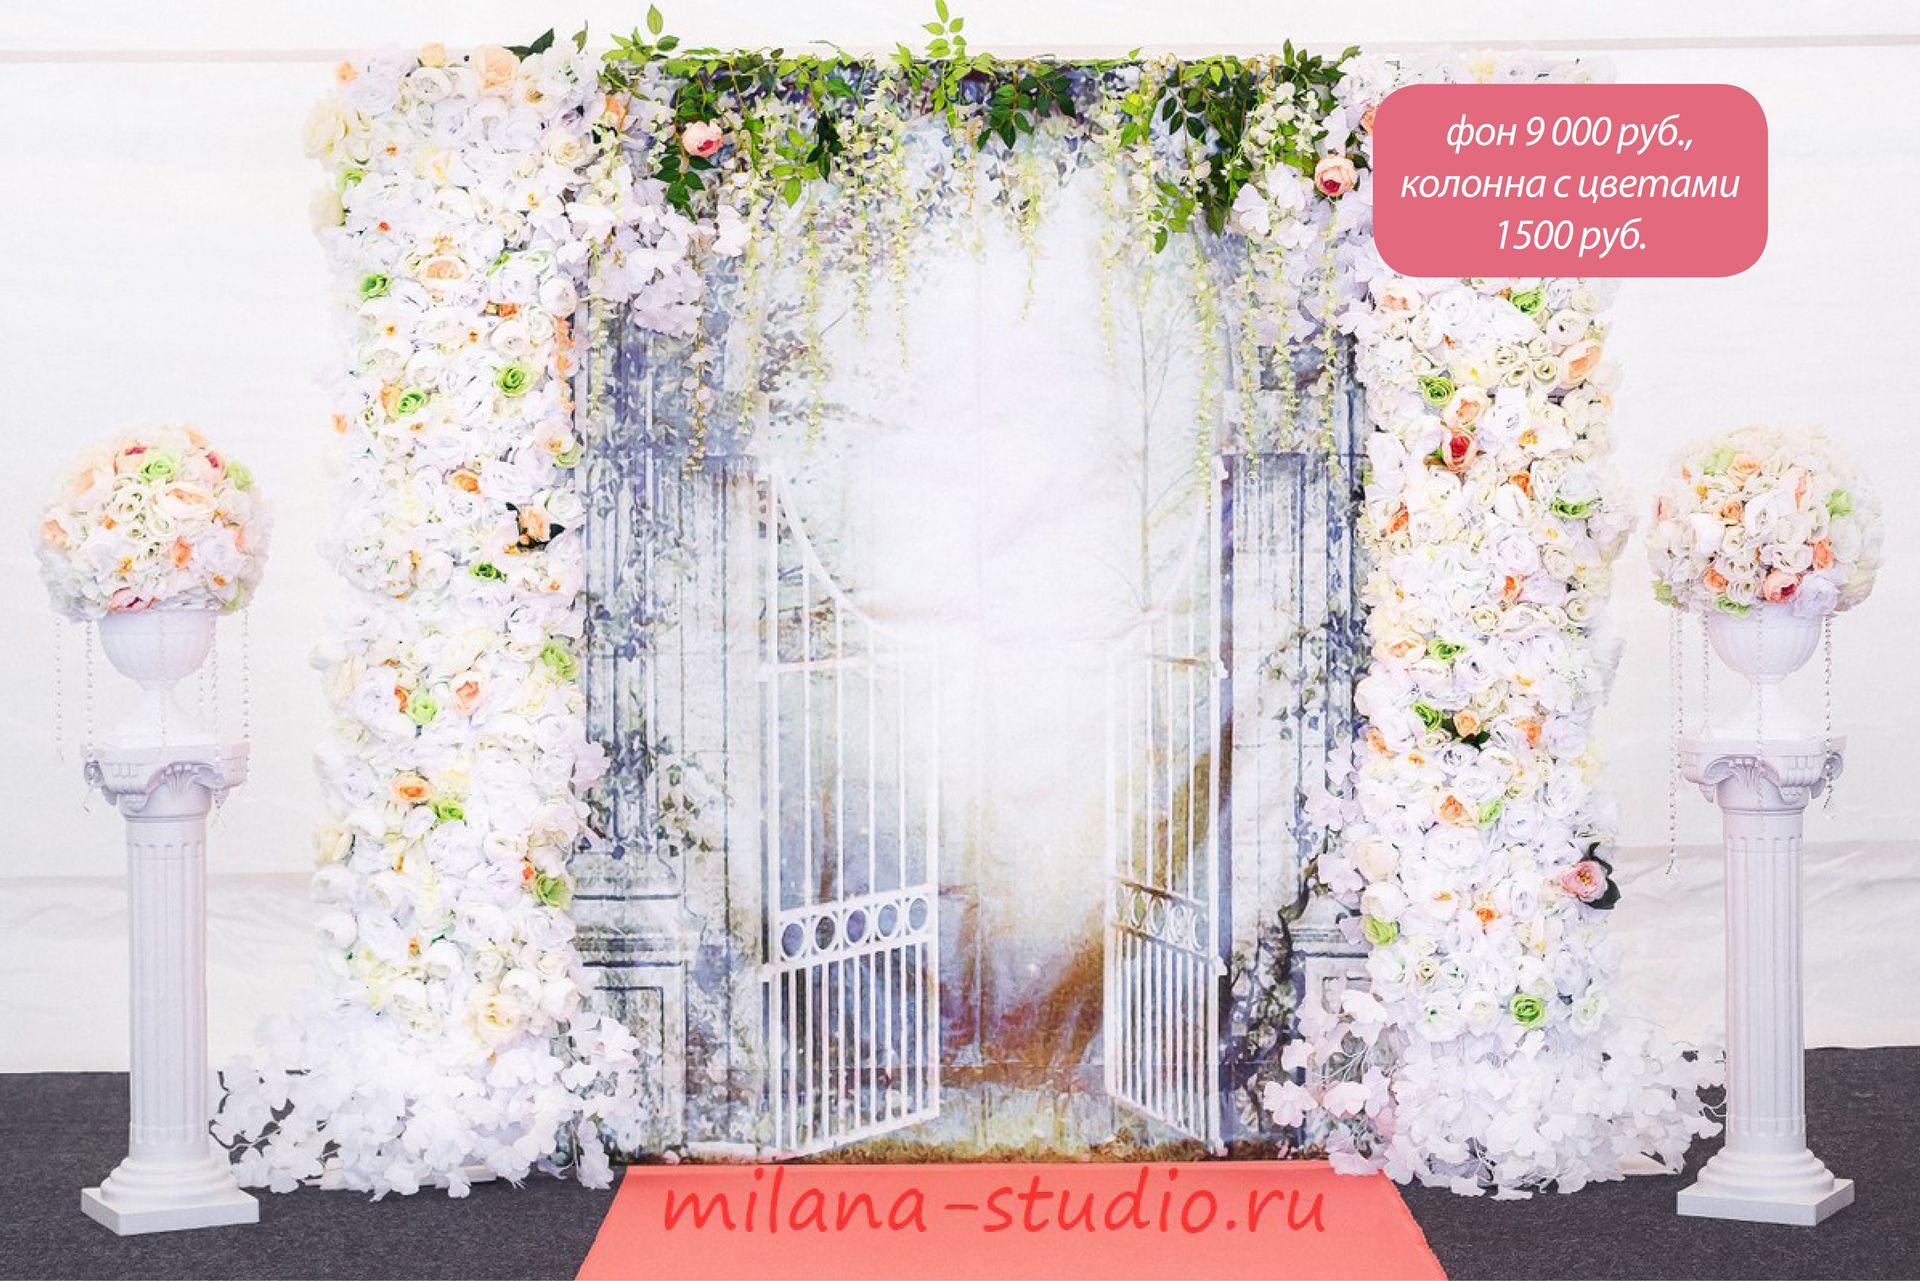 Необычные украшение залов для свадьбы 9